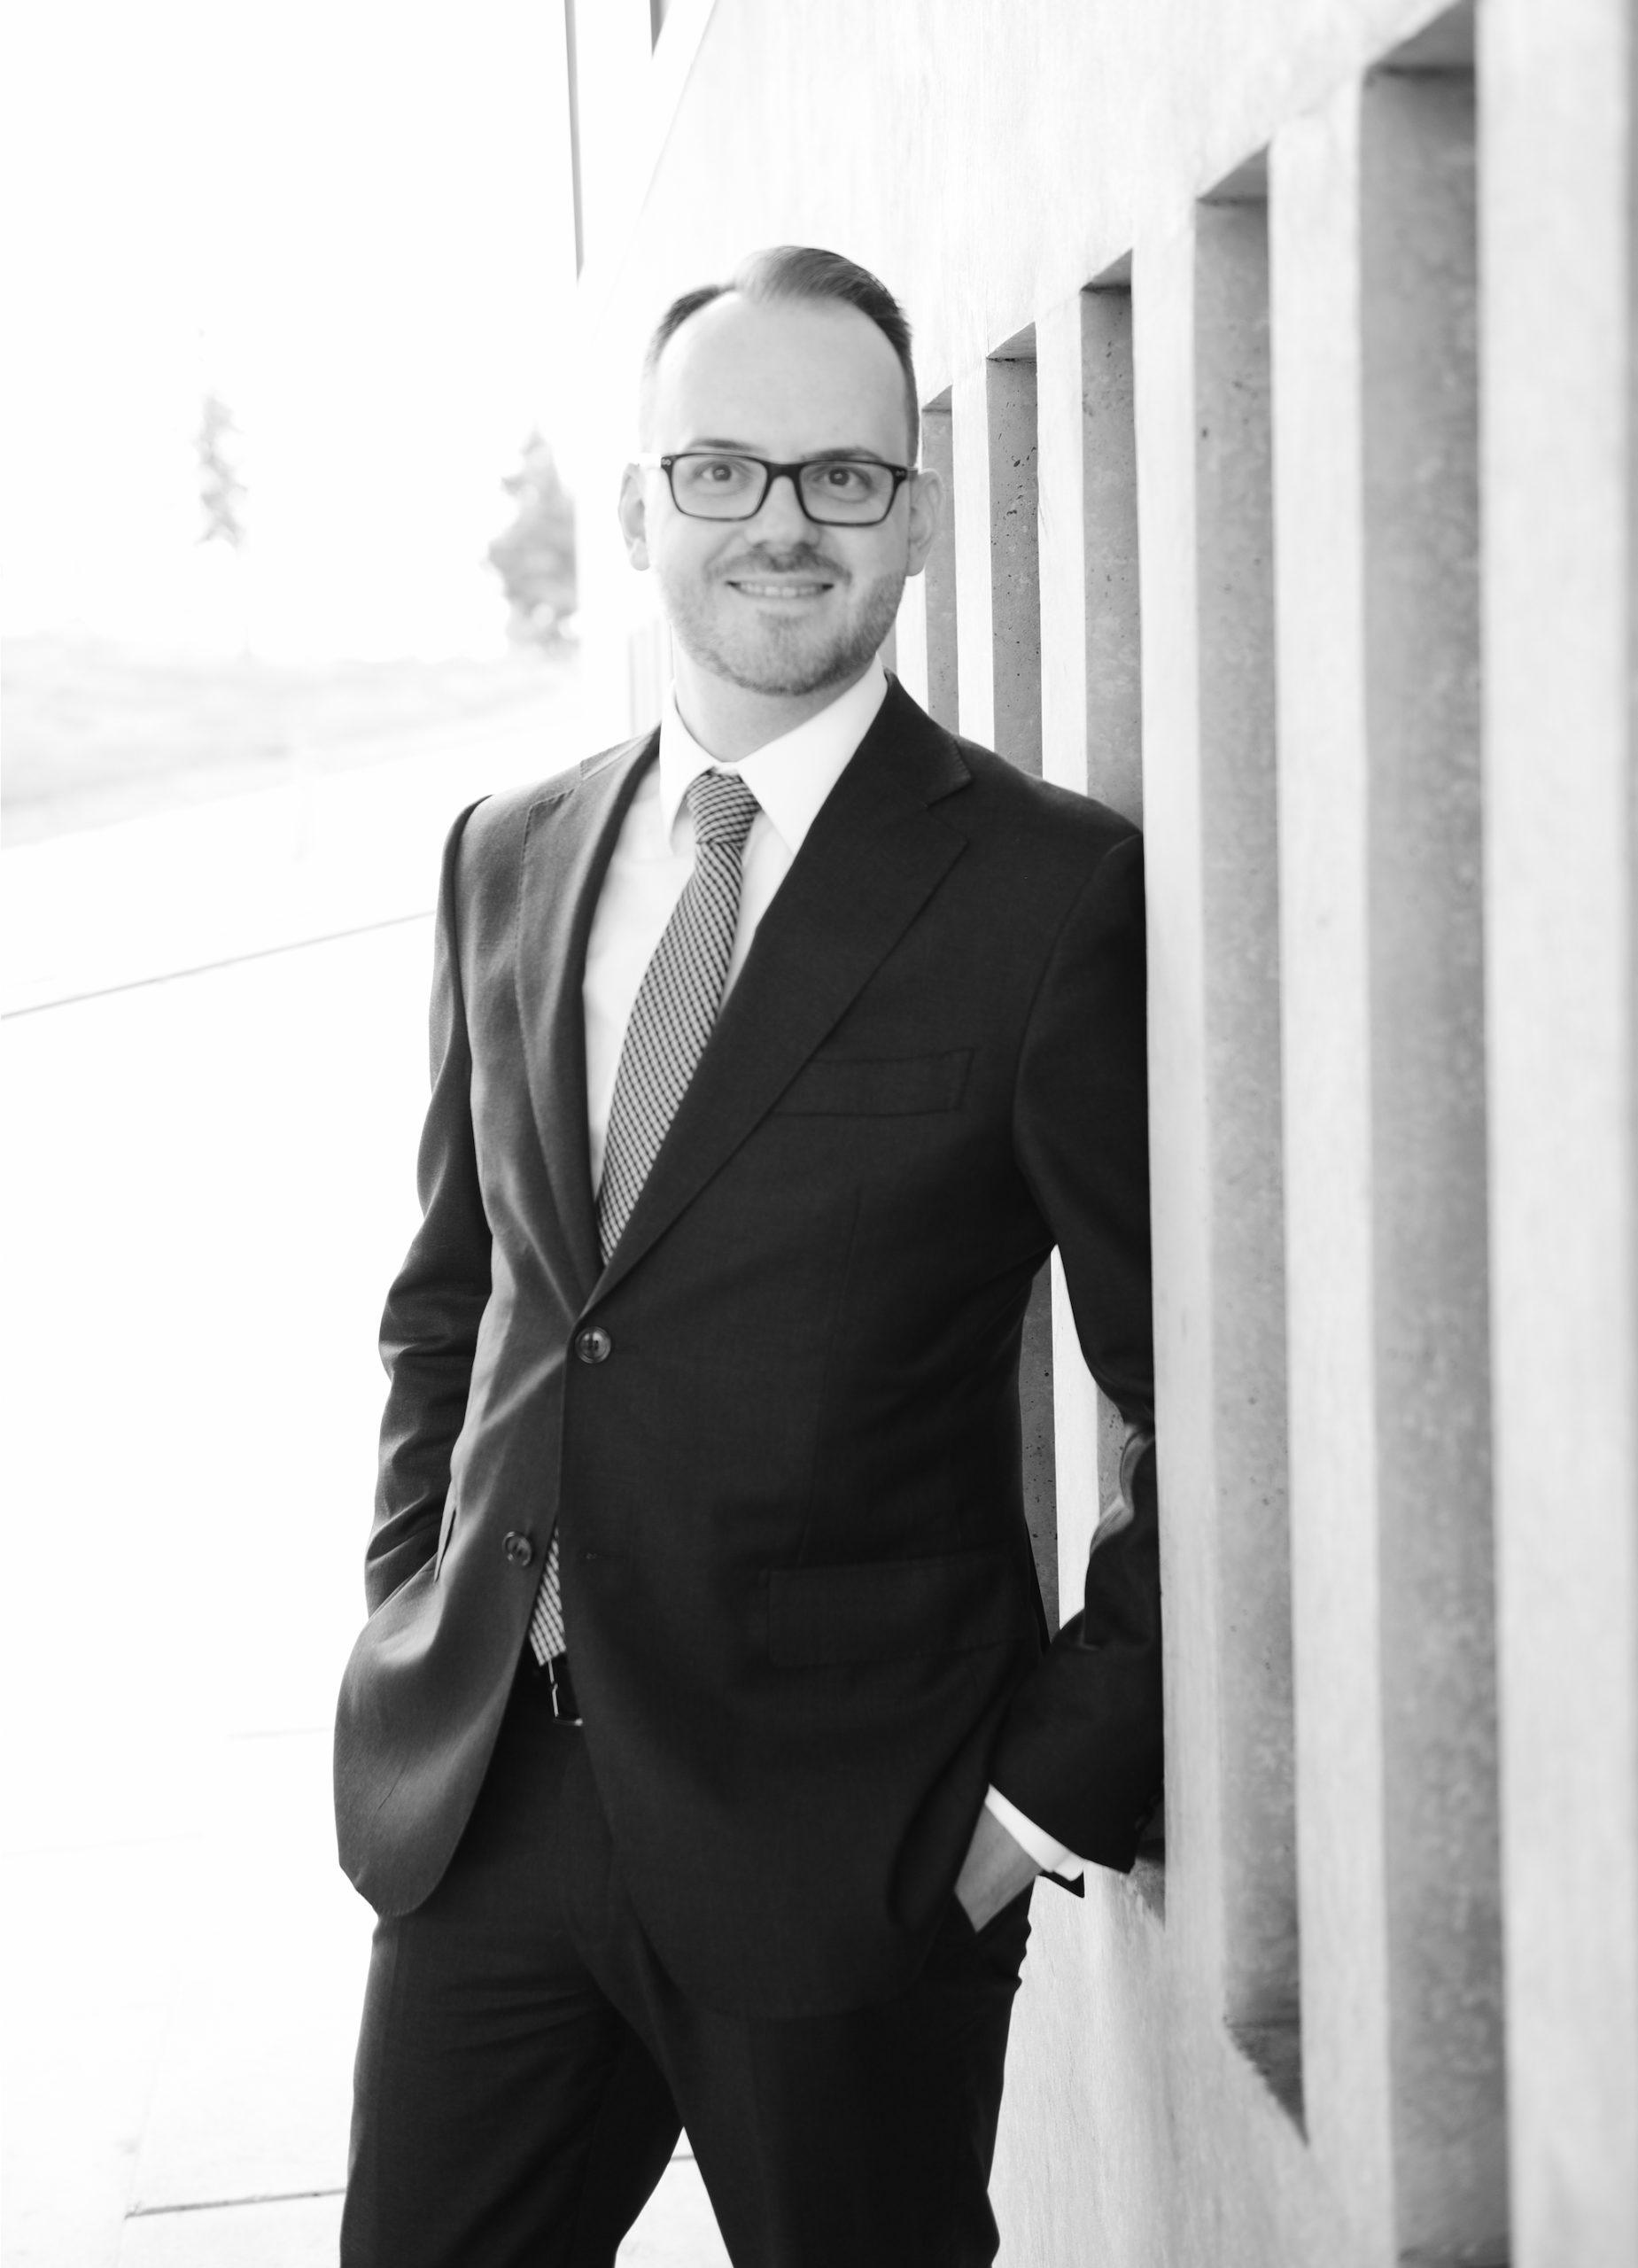 Kanzlei Botterbrod Düsseldorf, Rechtsanwalt Herbert Botterbrod